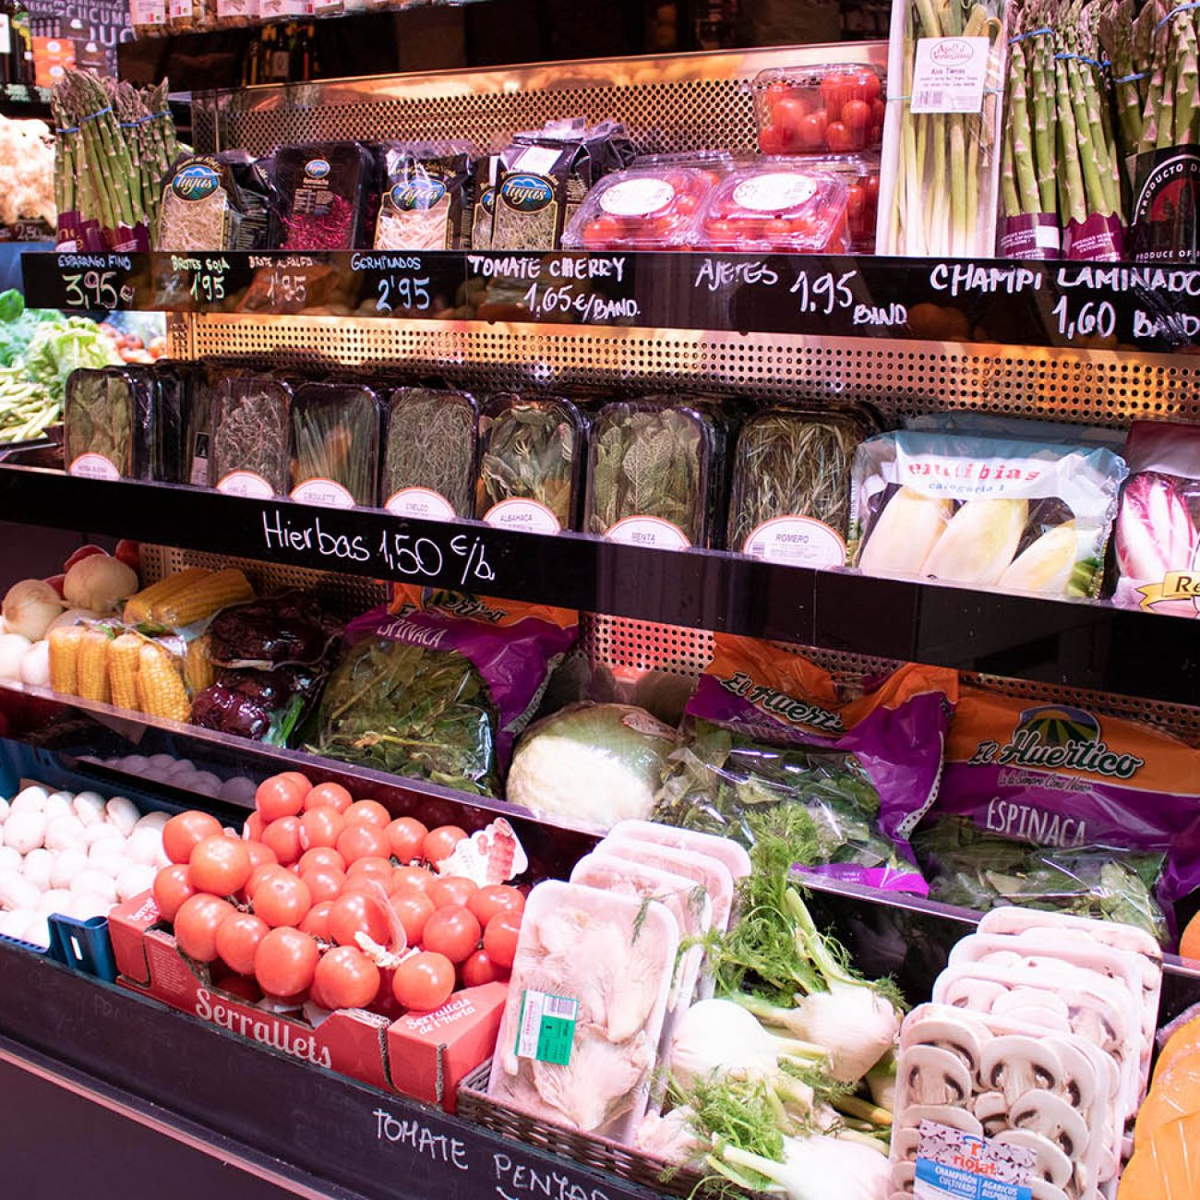 La tienda de Soler y Alex, frutas y verduras en Bilbao